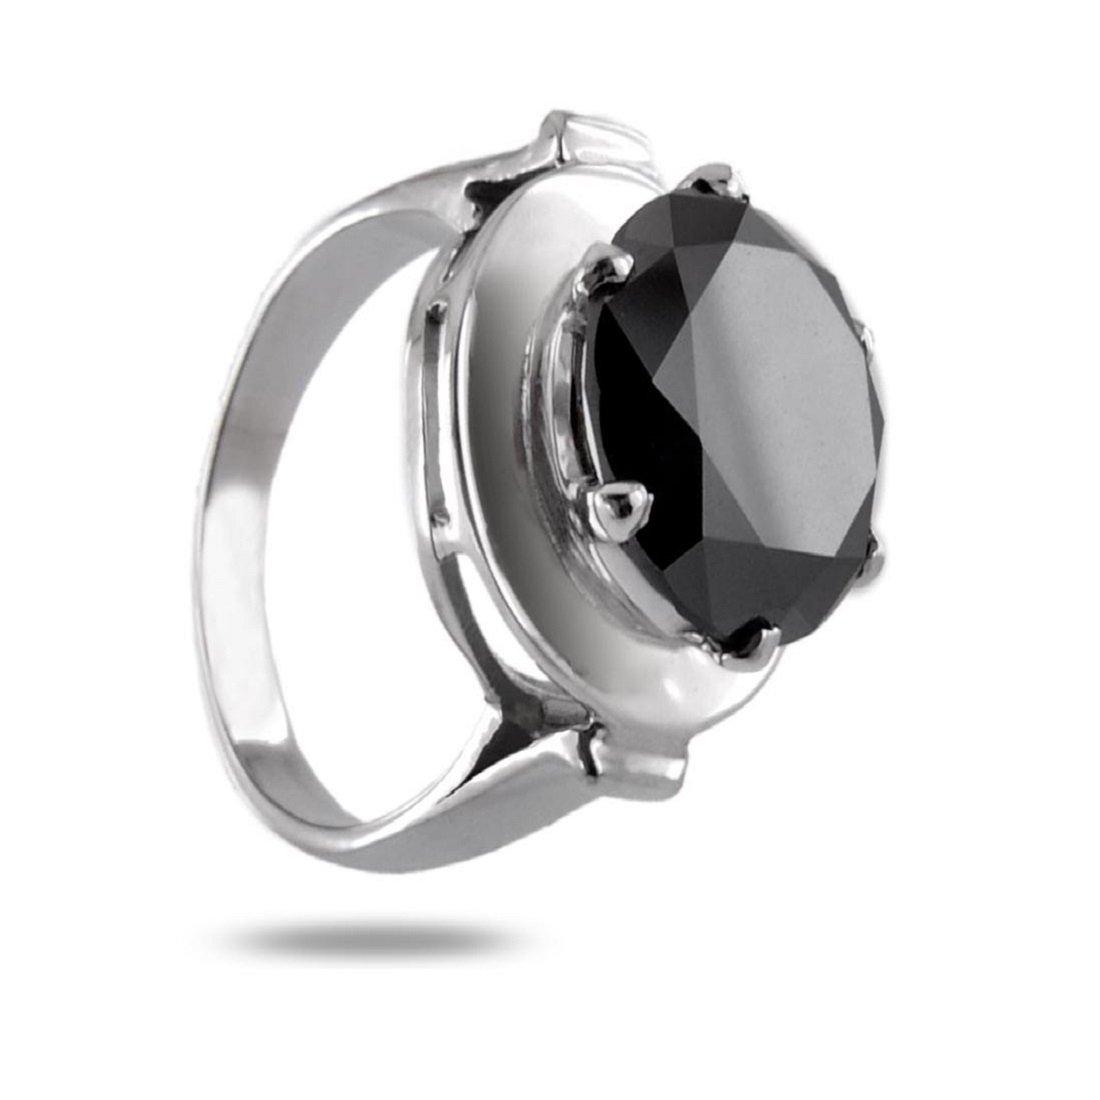 skyjewels 4 ct認定ラウンドブラックダイヤモンドソリティアリング925スターリングシルバー   B077RYQ516